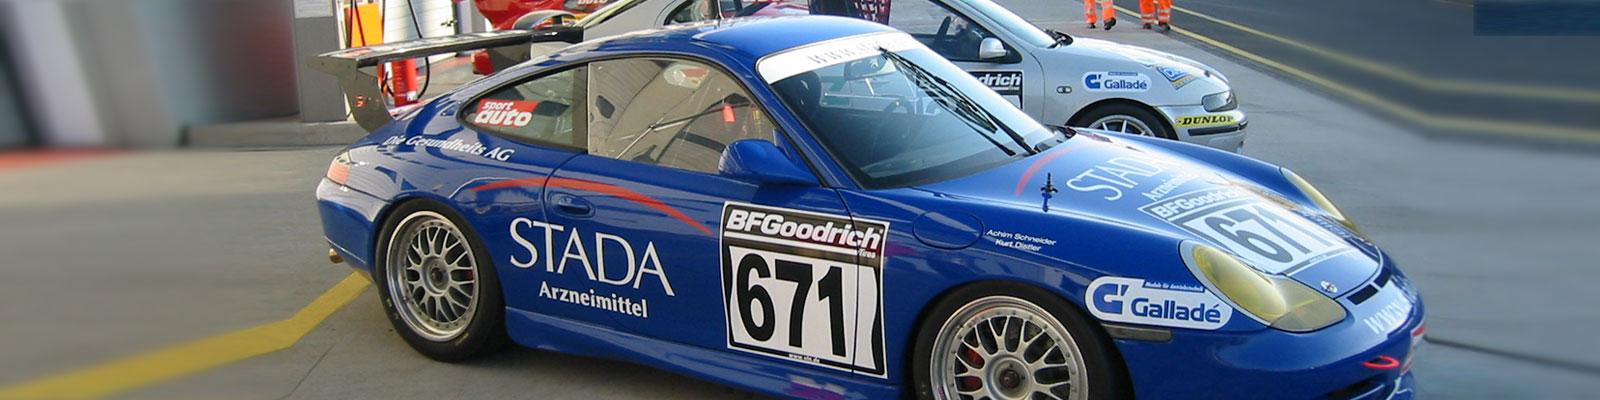 Motorsportbetreuung vom Profi